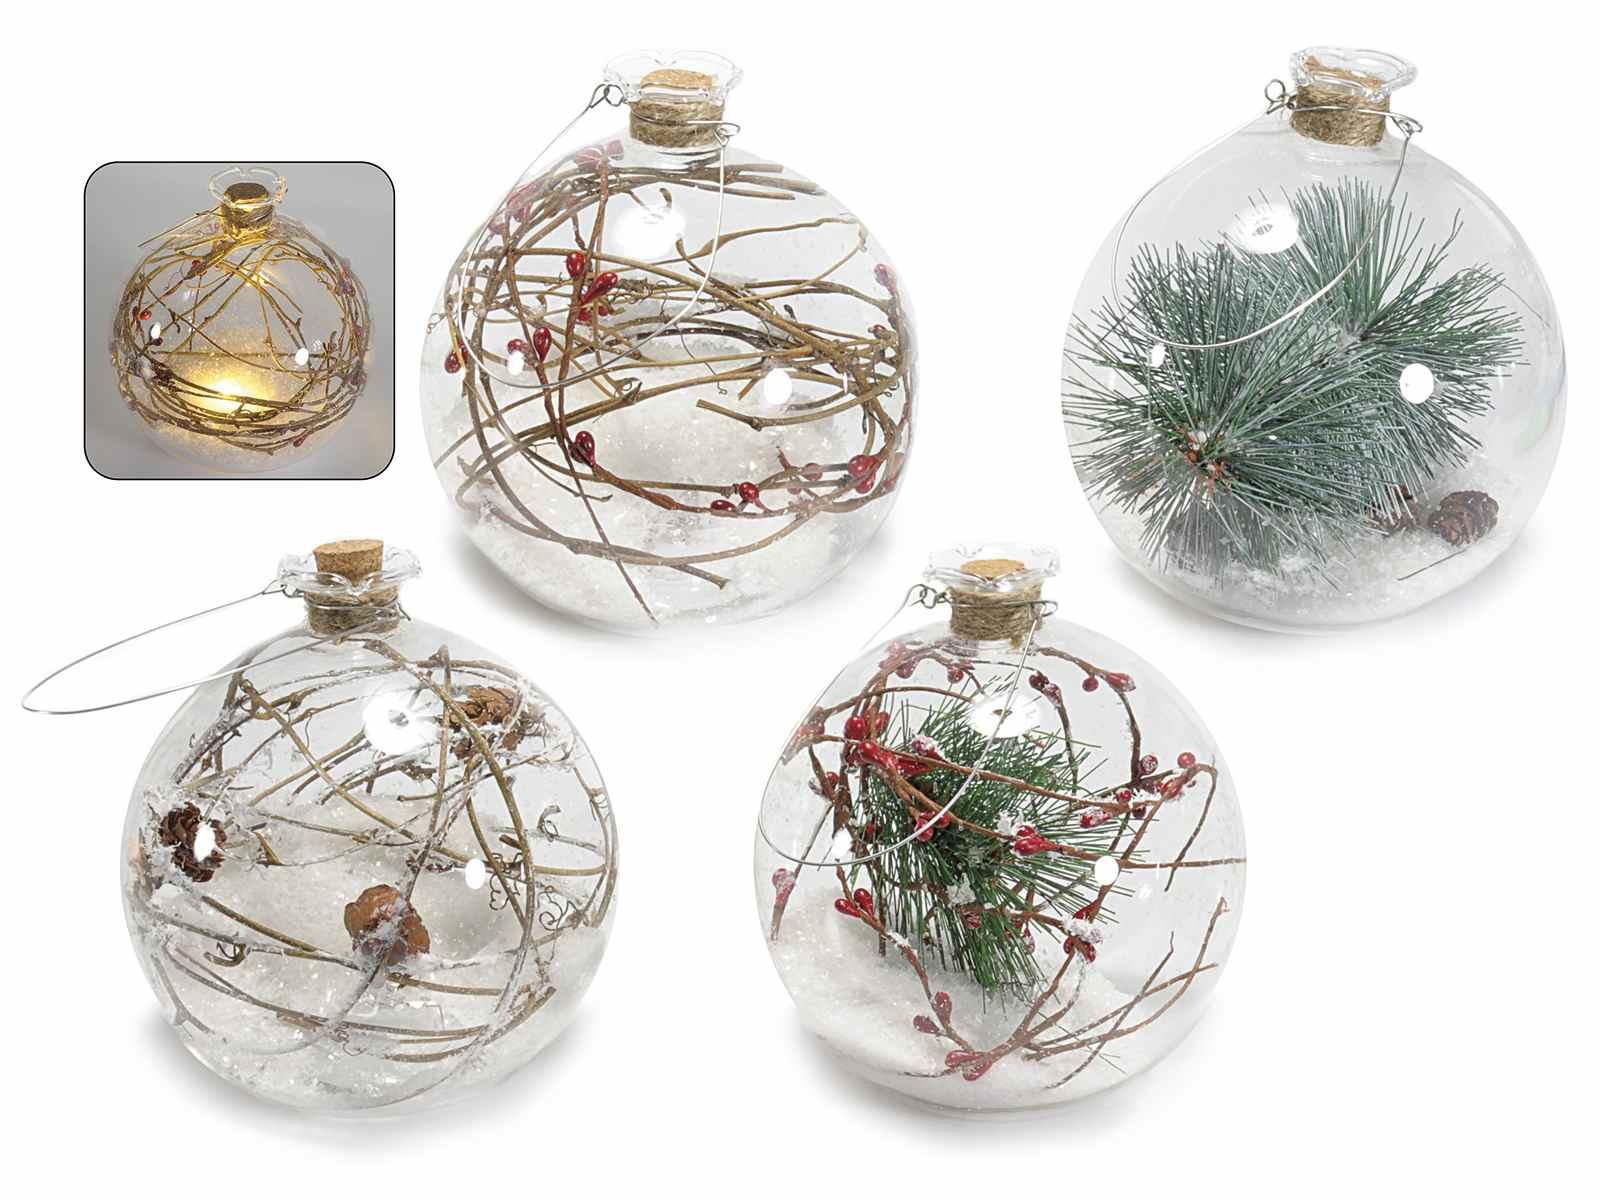 Pallina in vetro con decori naturali e luce bianco caldo for Lampadario palline vetro